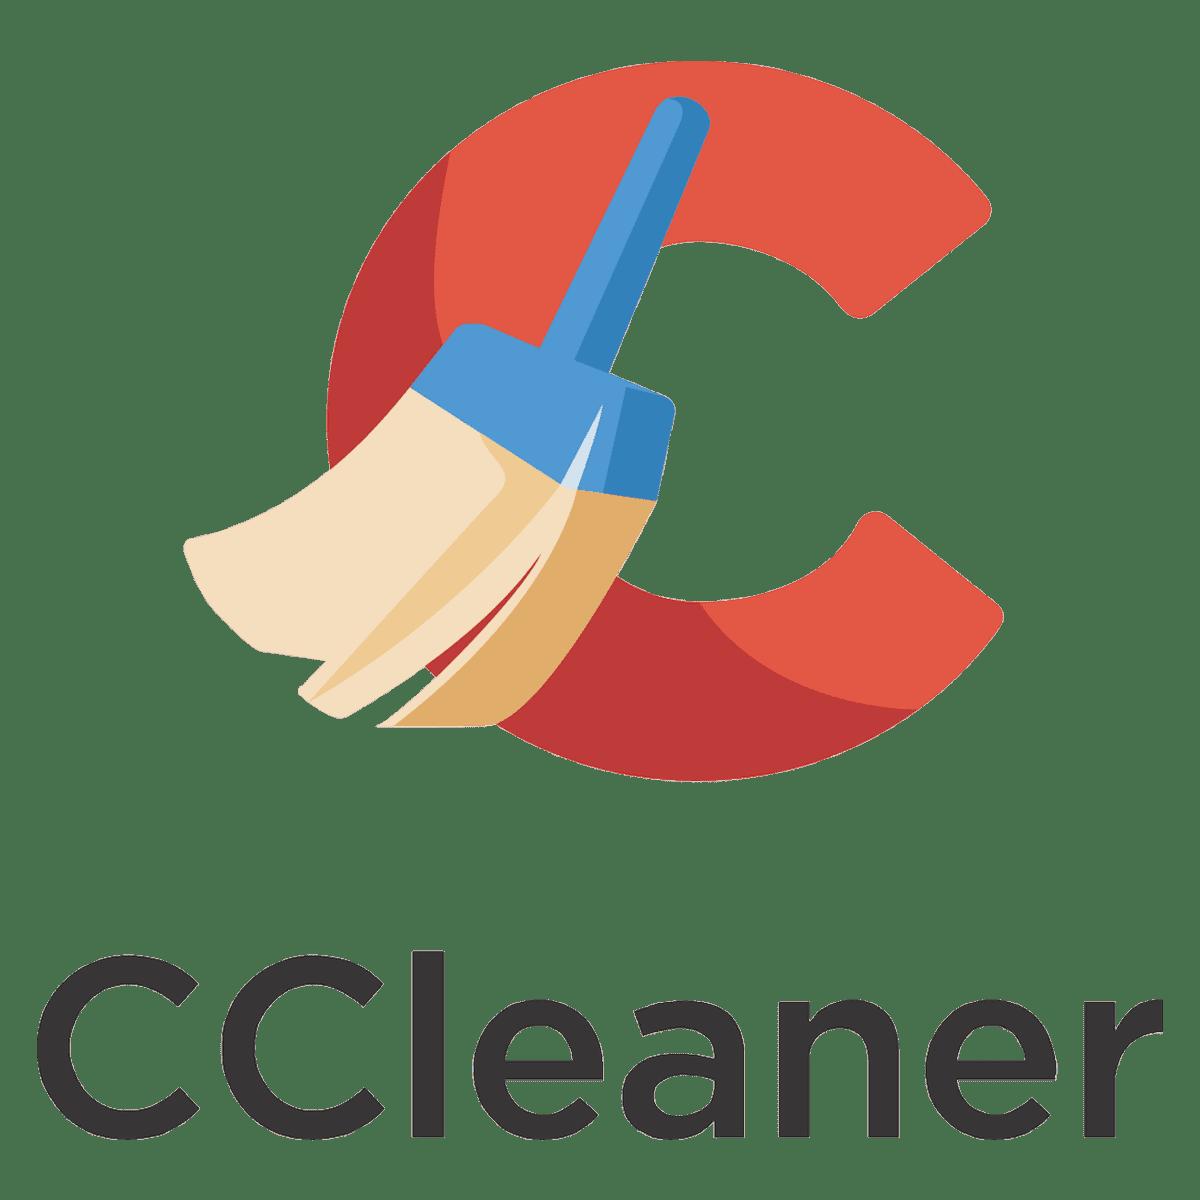 برنامج CCleaner المجاني لتنظيف وصيانة النظام